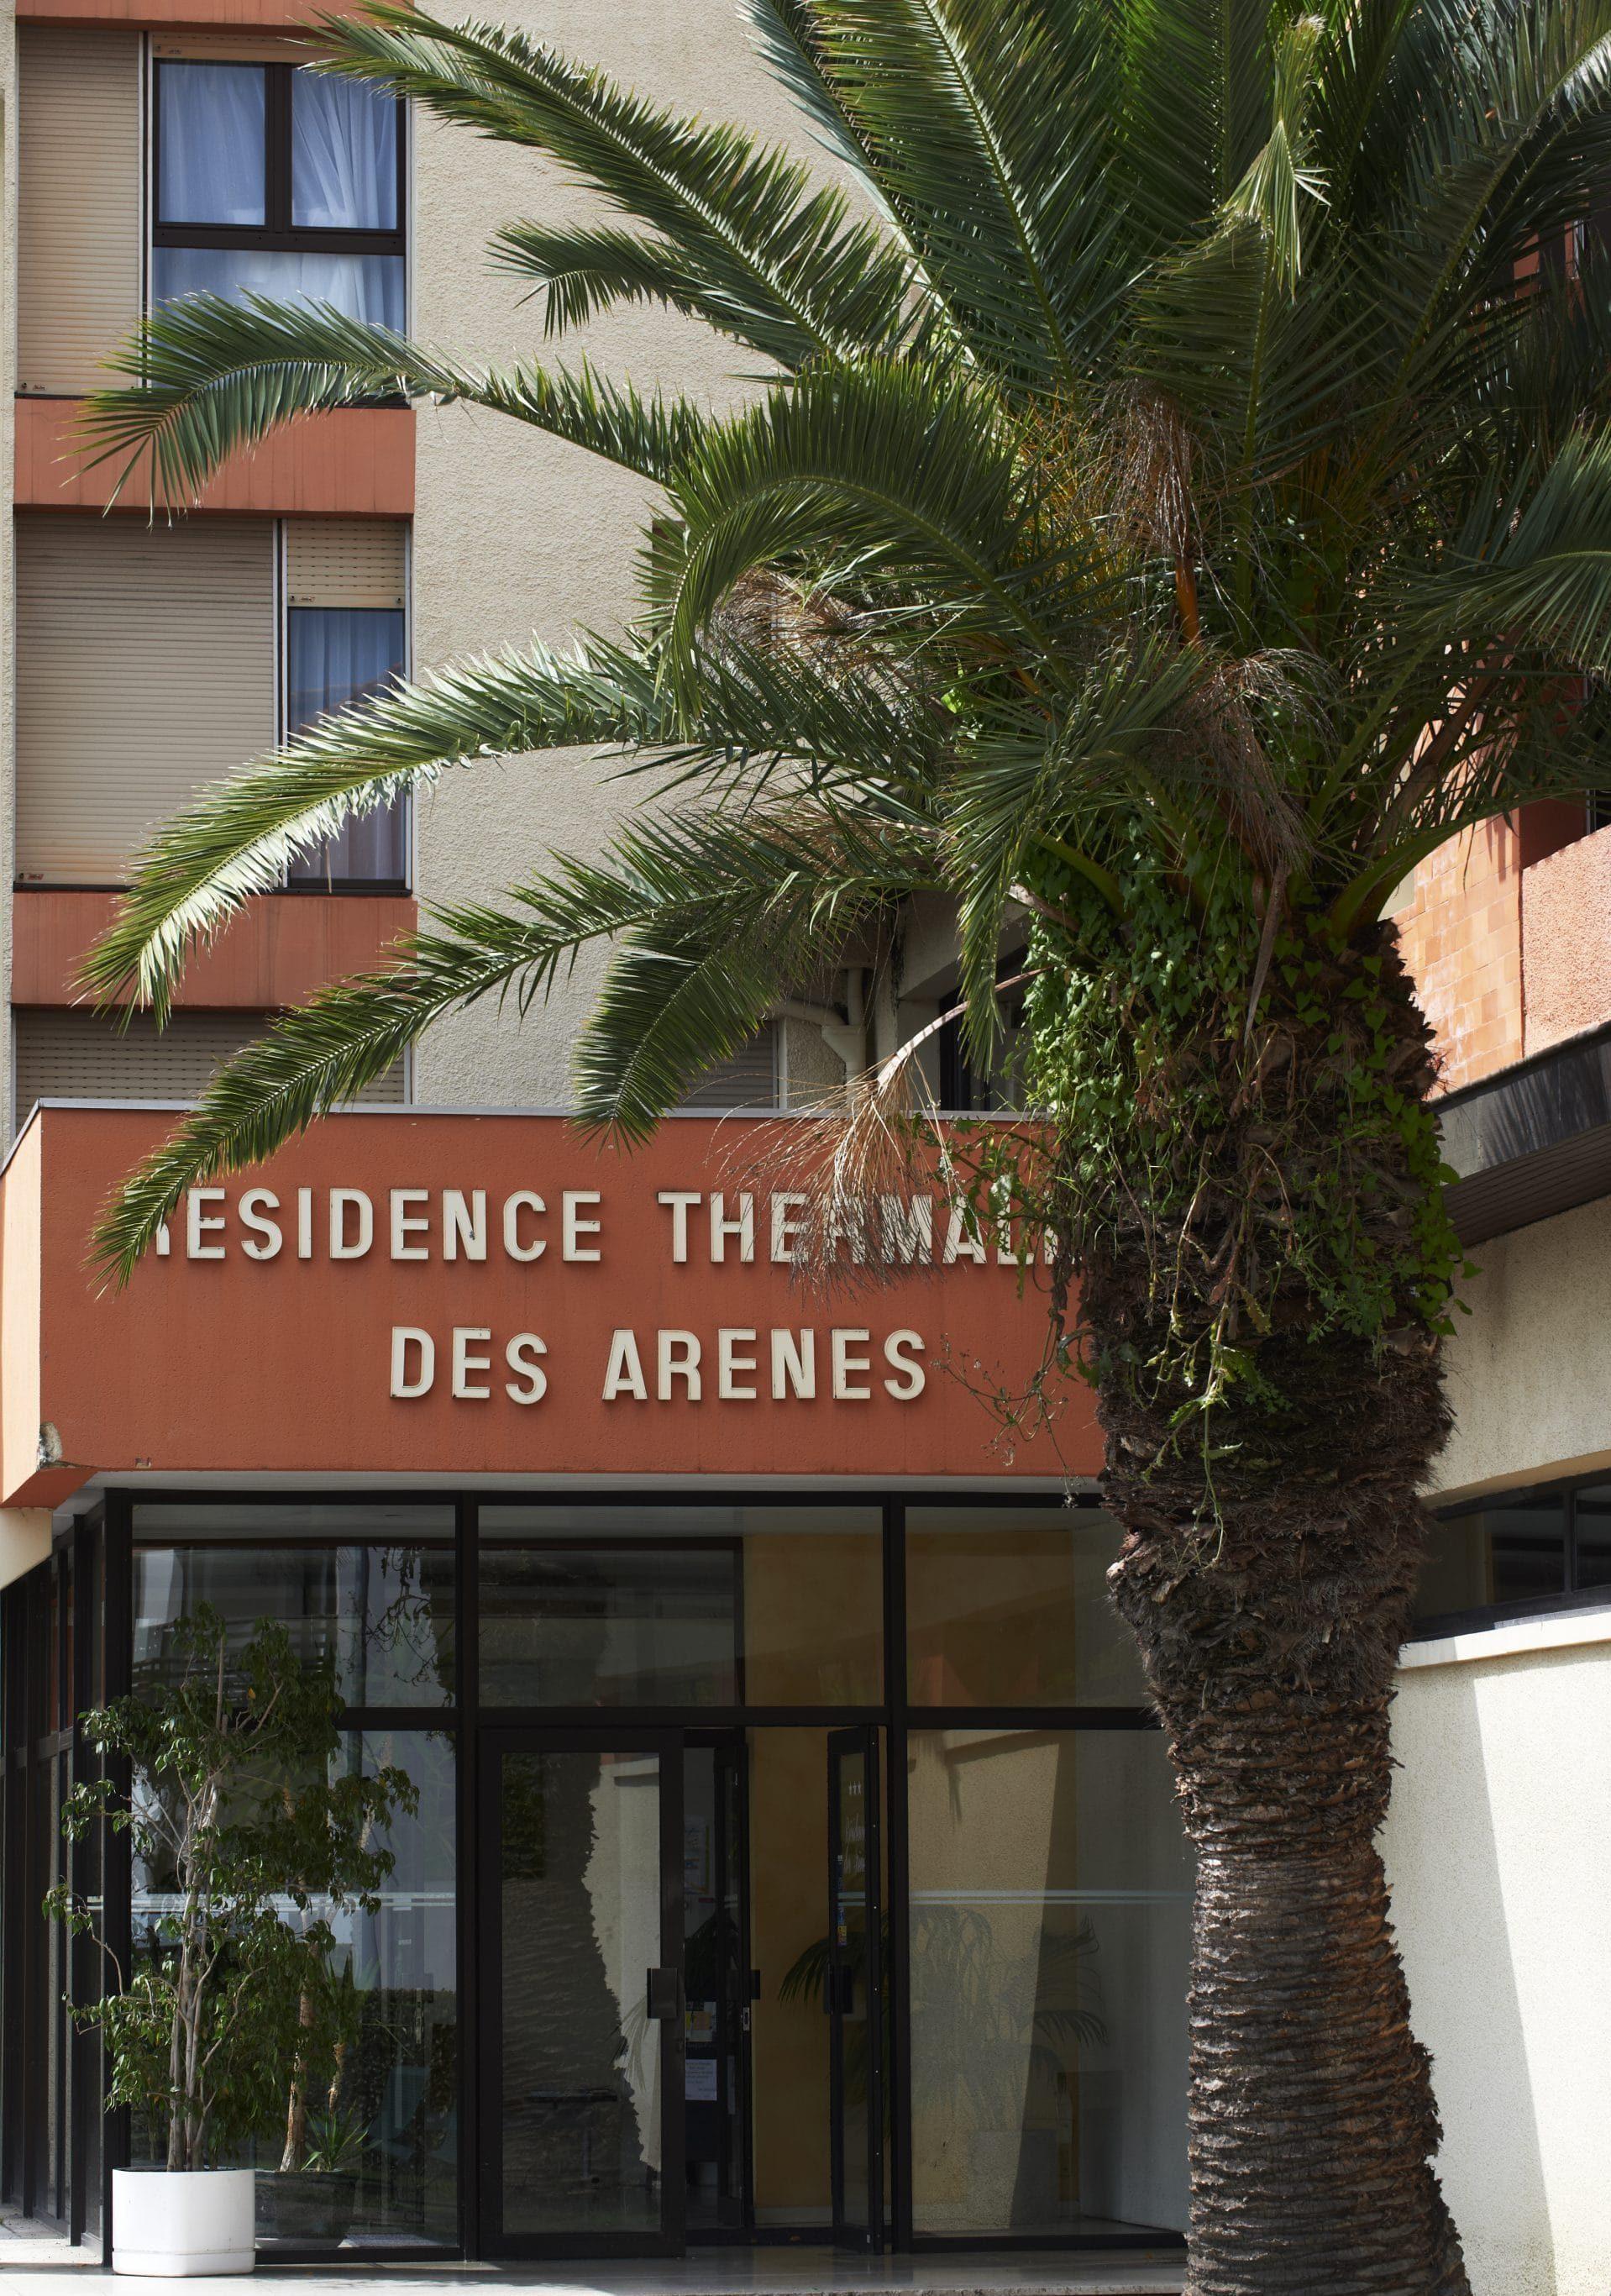 Thermes-des-arènes